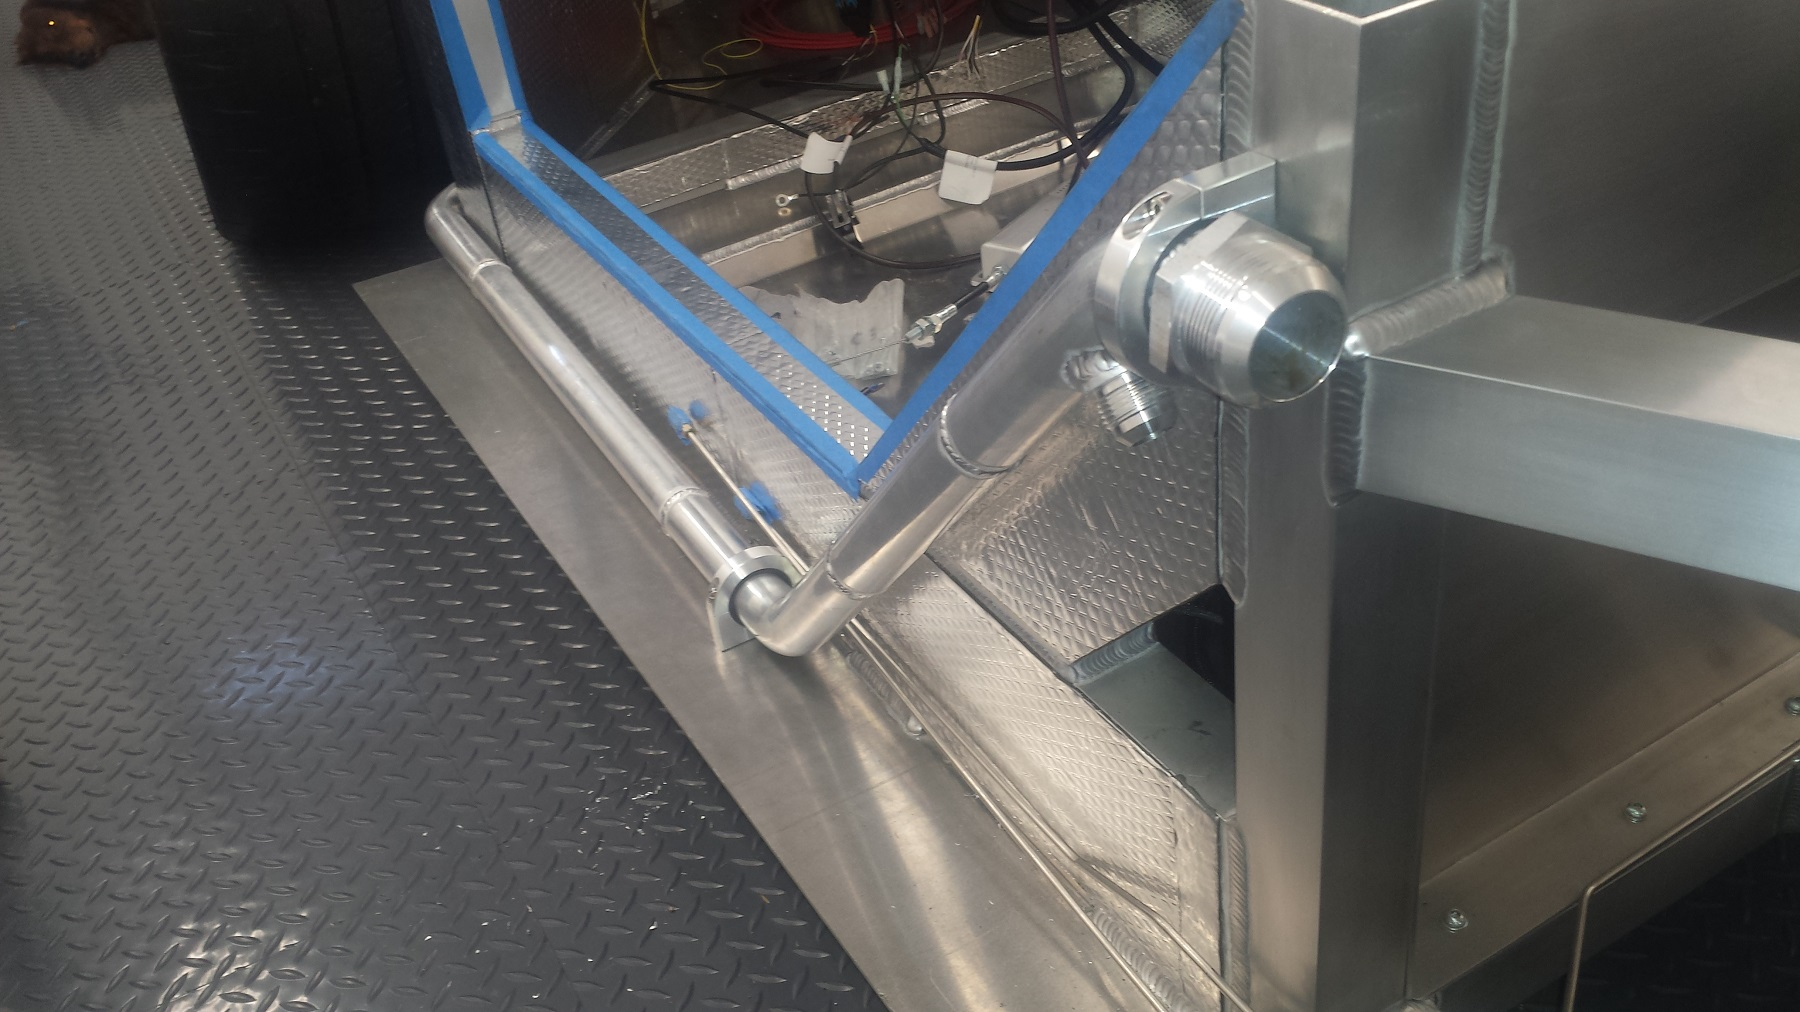 Stephan's SLC Build Log-cooling-system_2-jpg